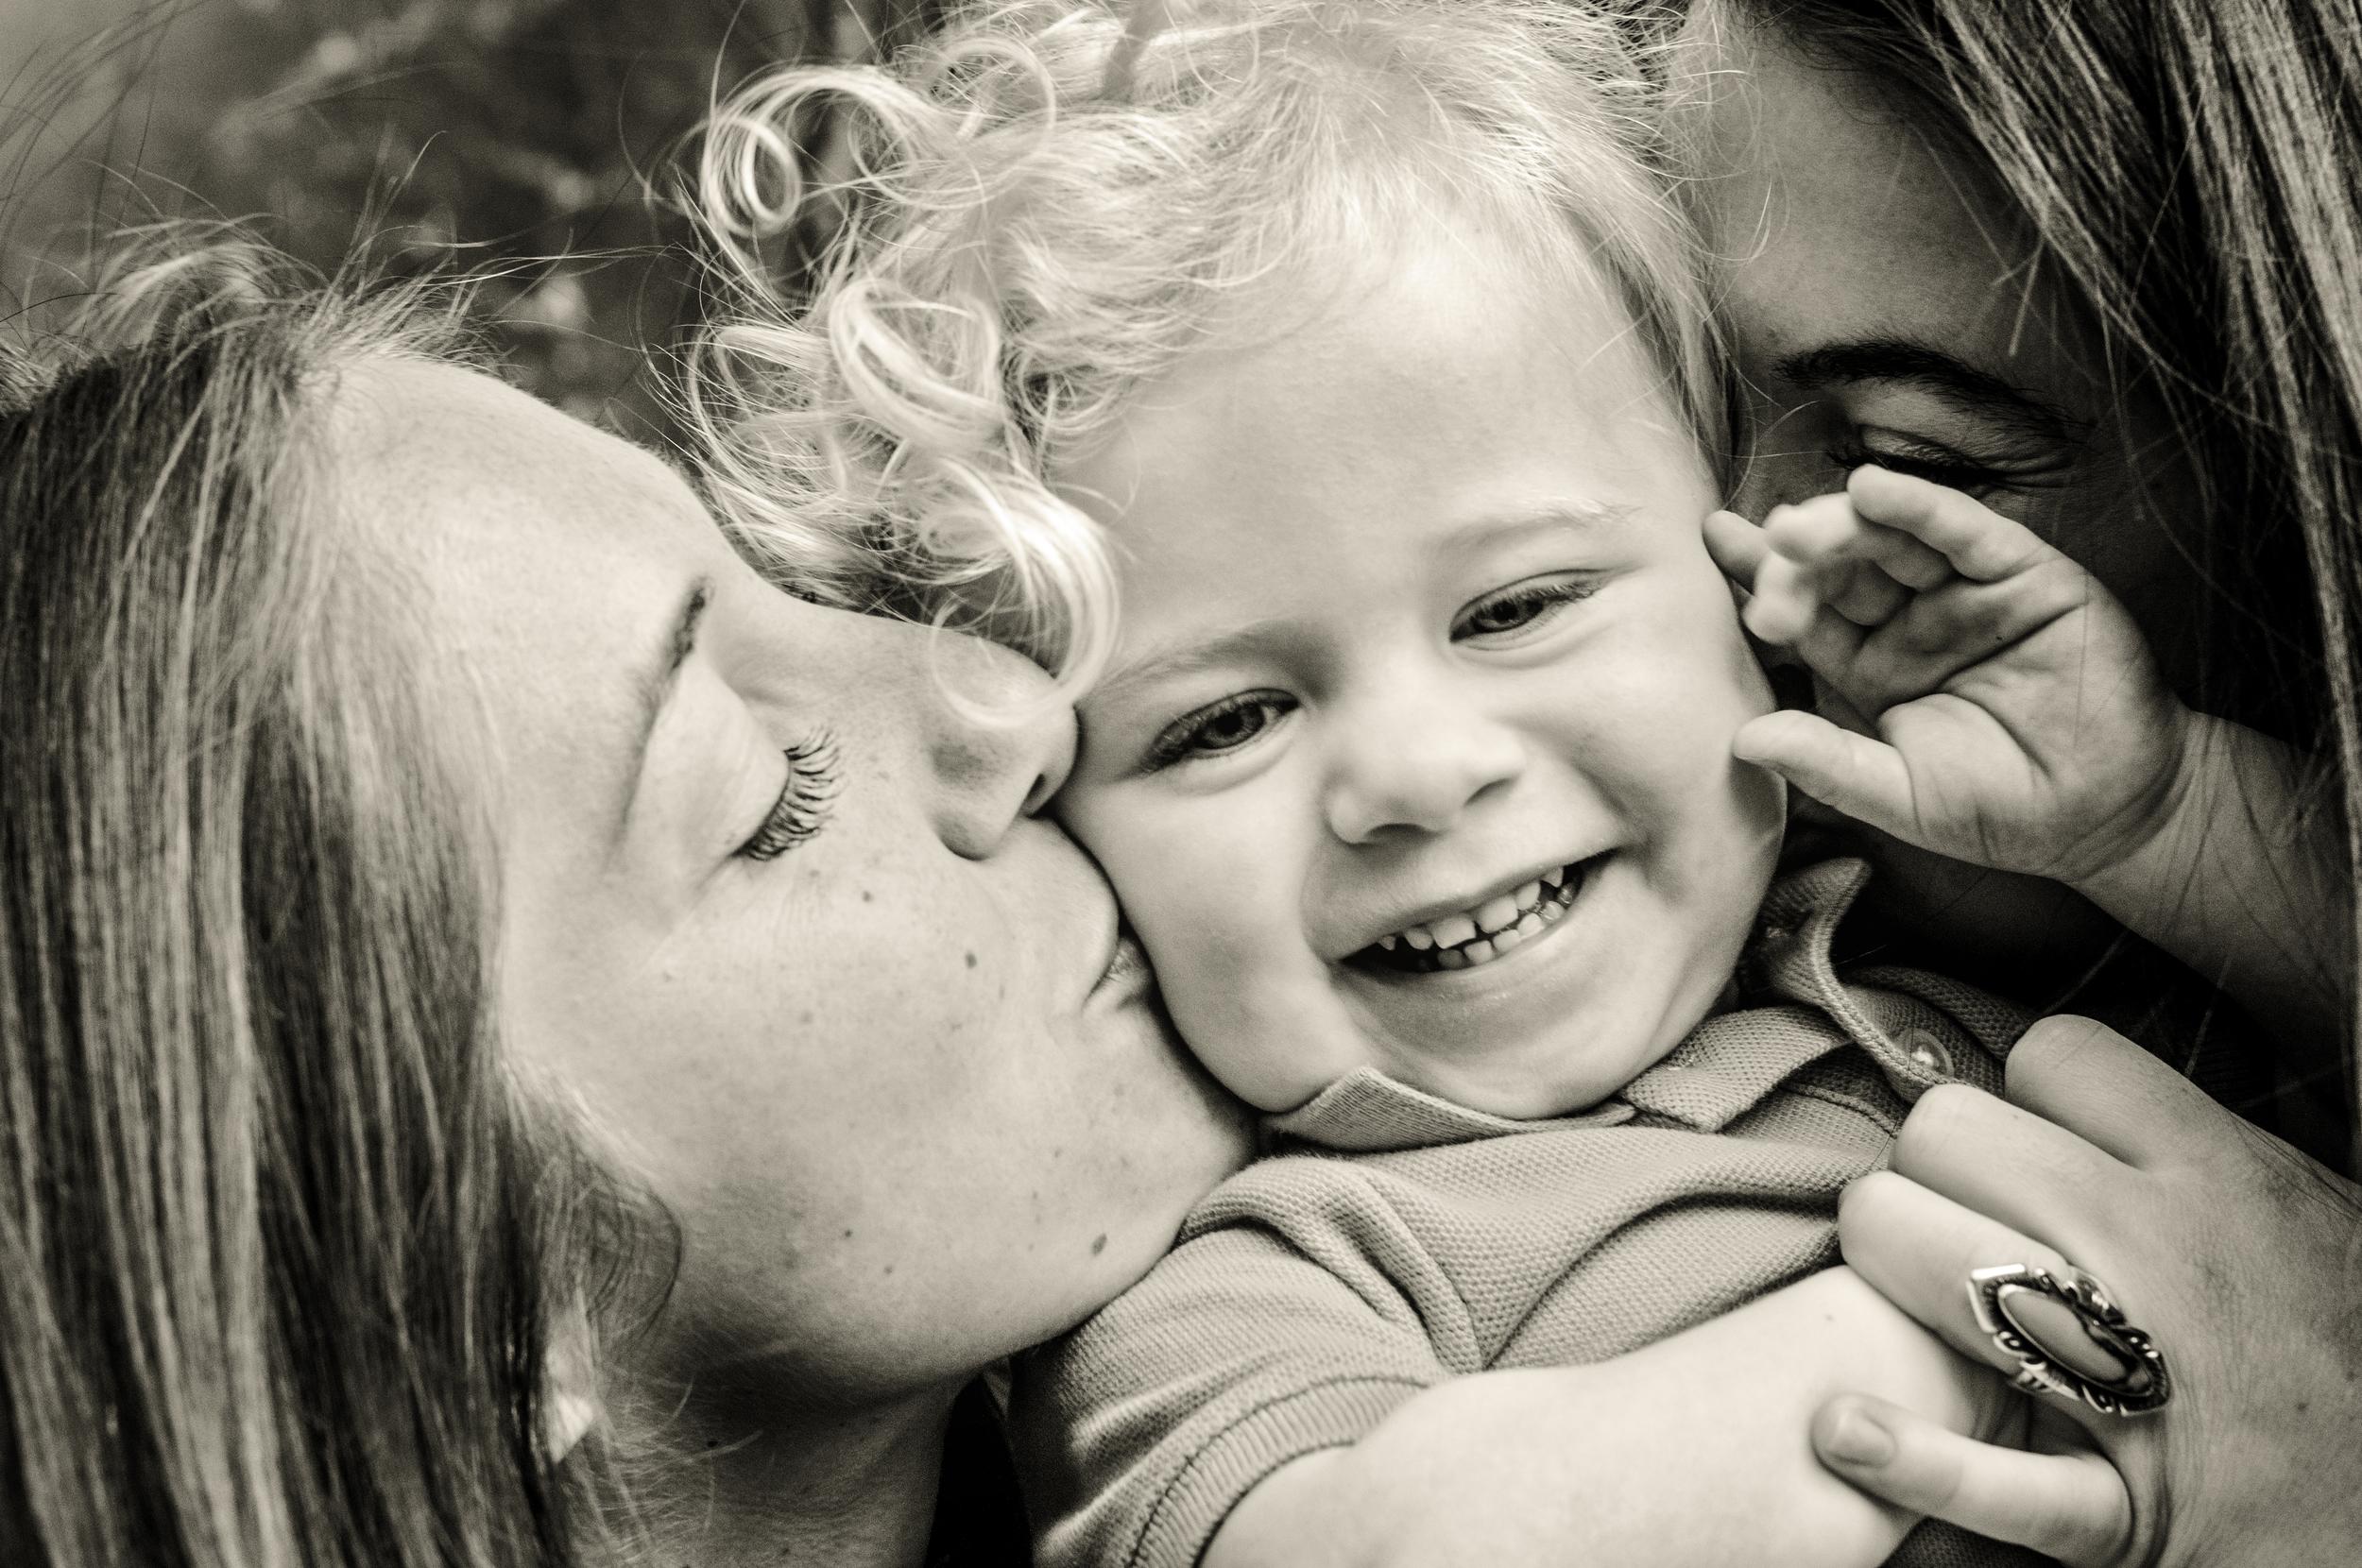 Ray Family Photos-Kisses vanilla.jpg